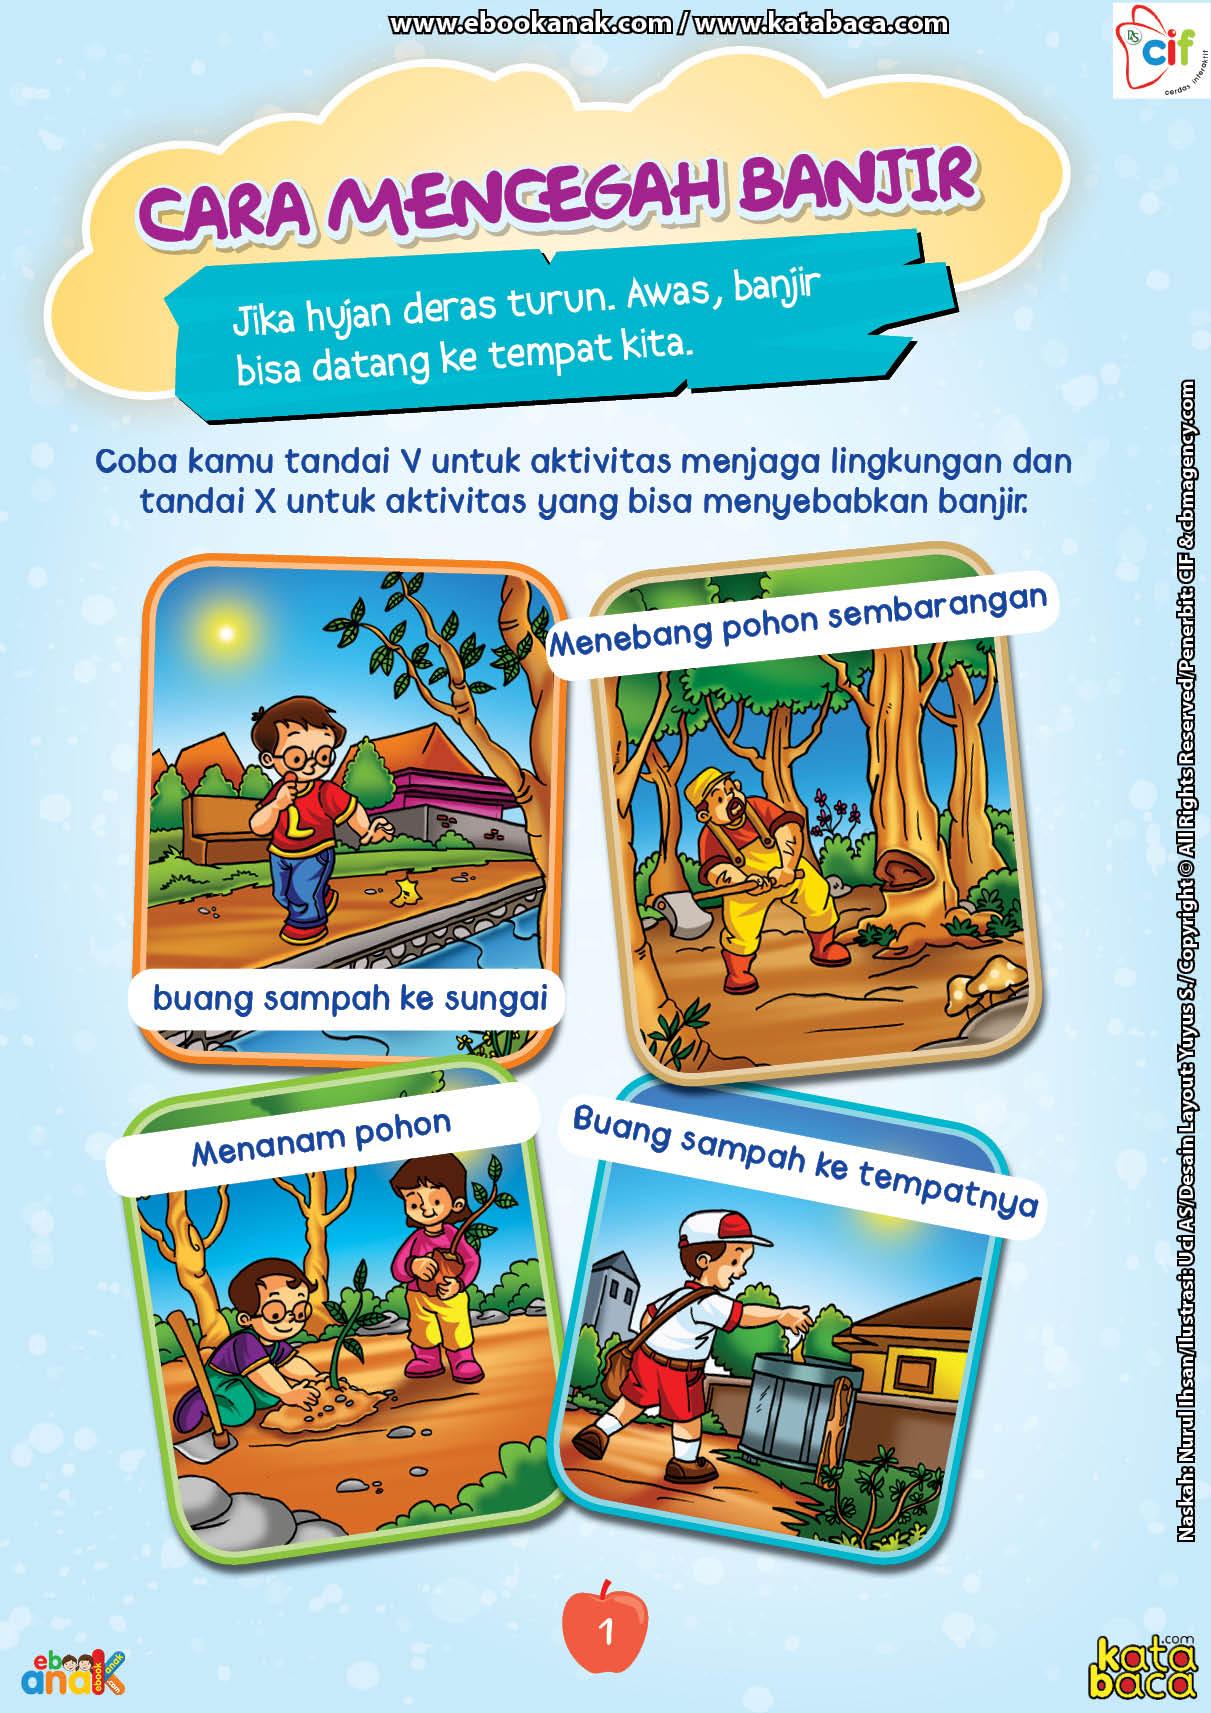 baca buku online brain games fun sains9 cara mencegah banjir